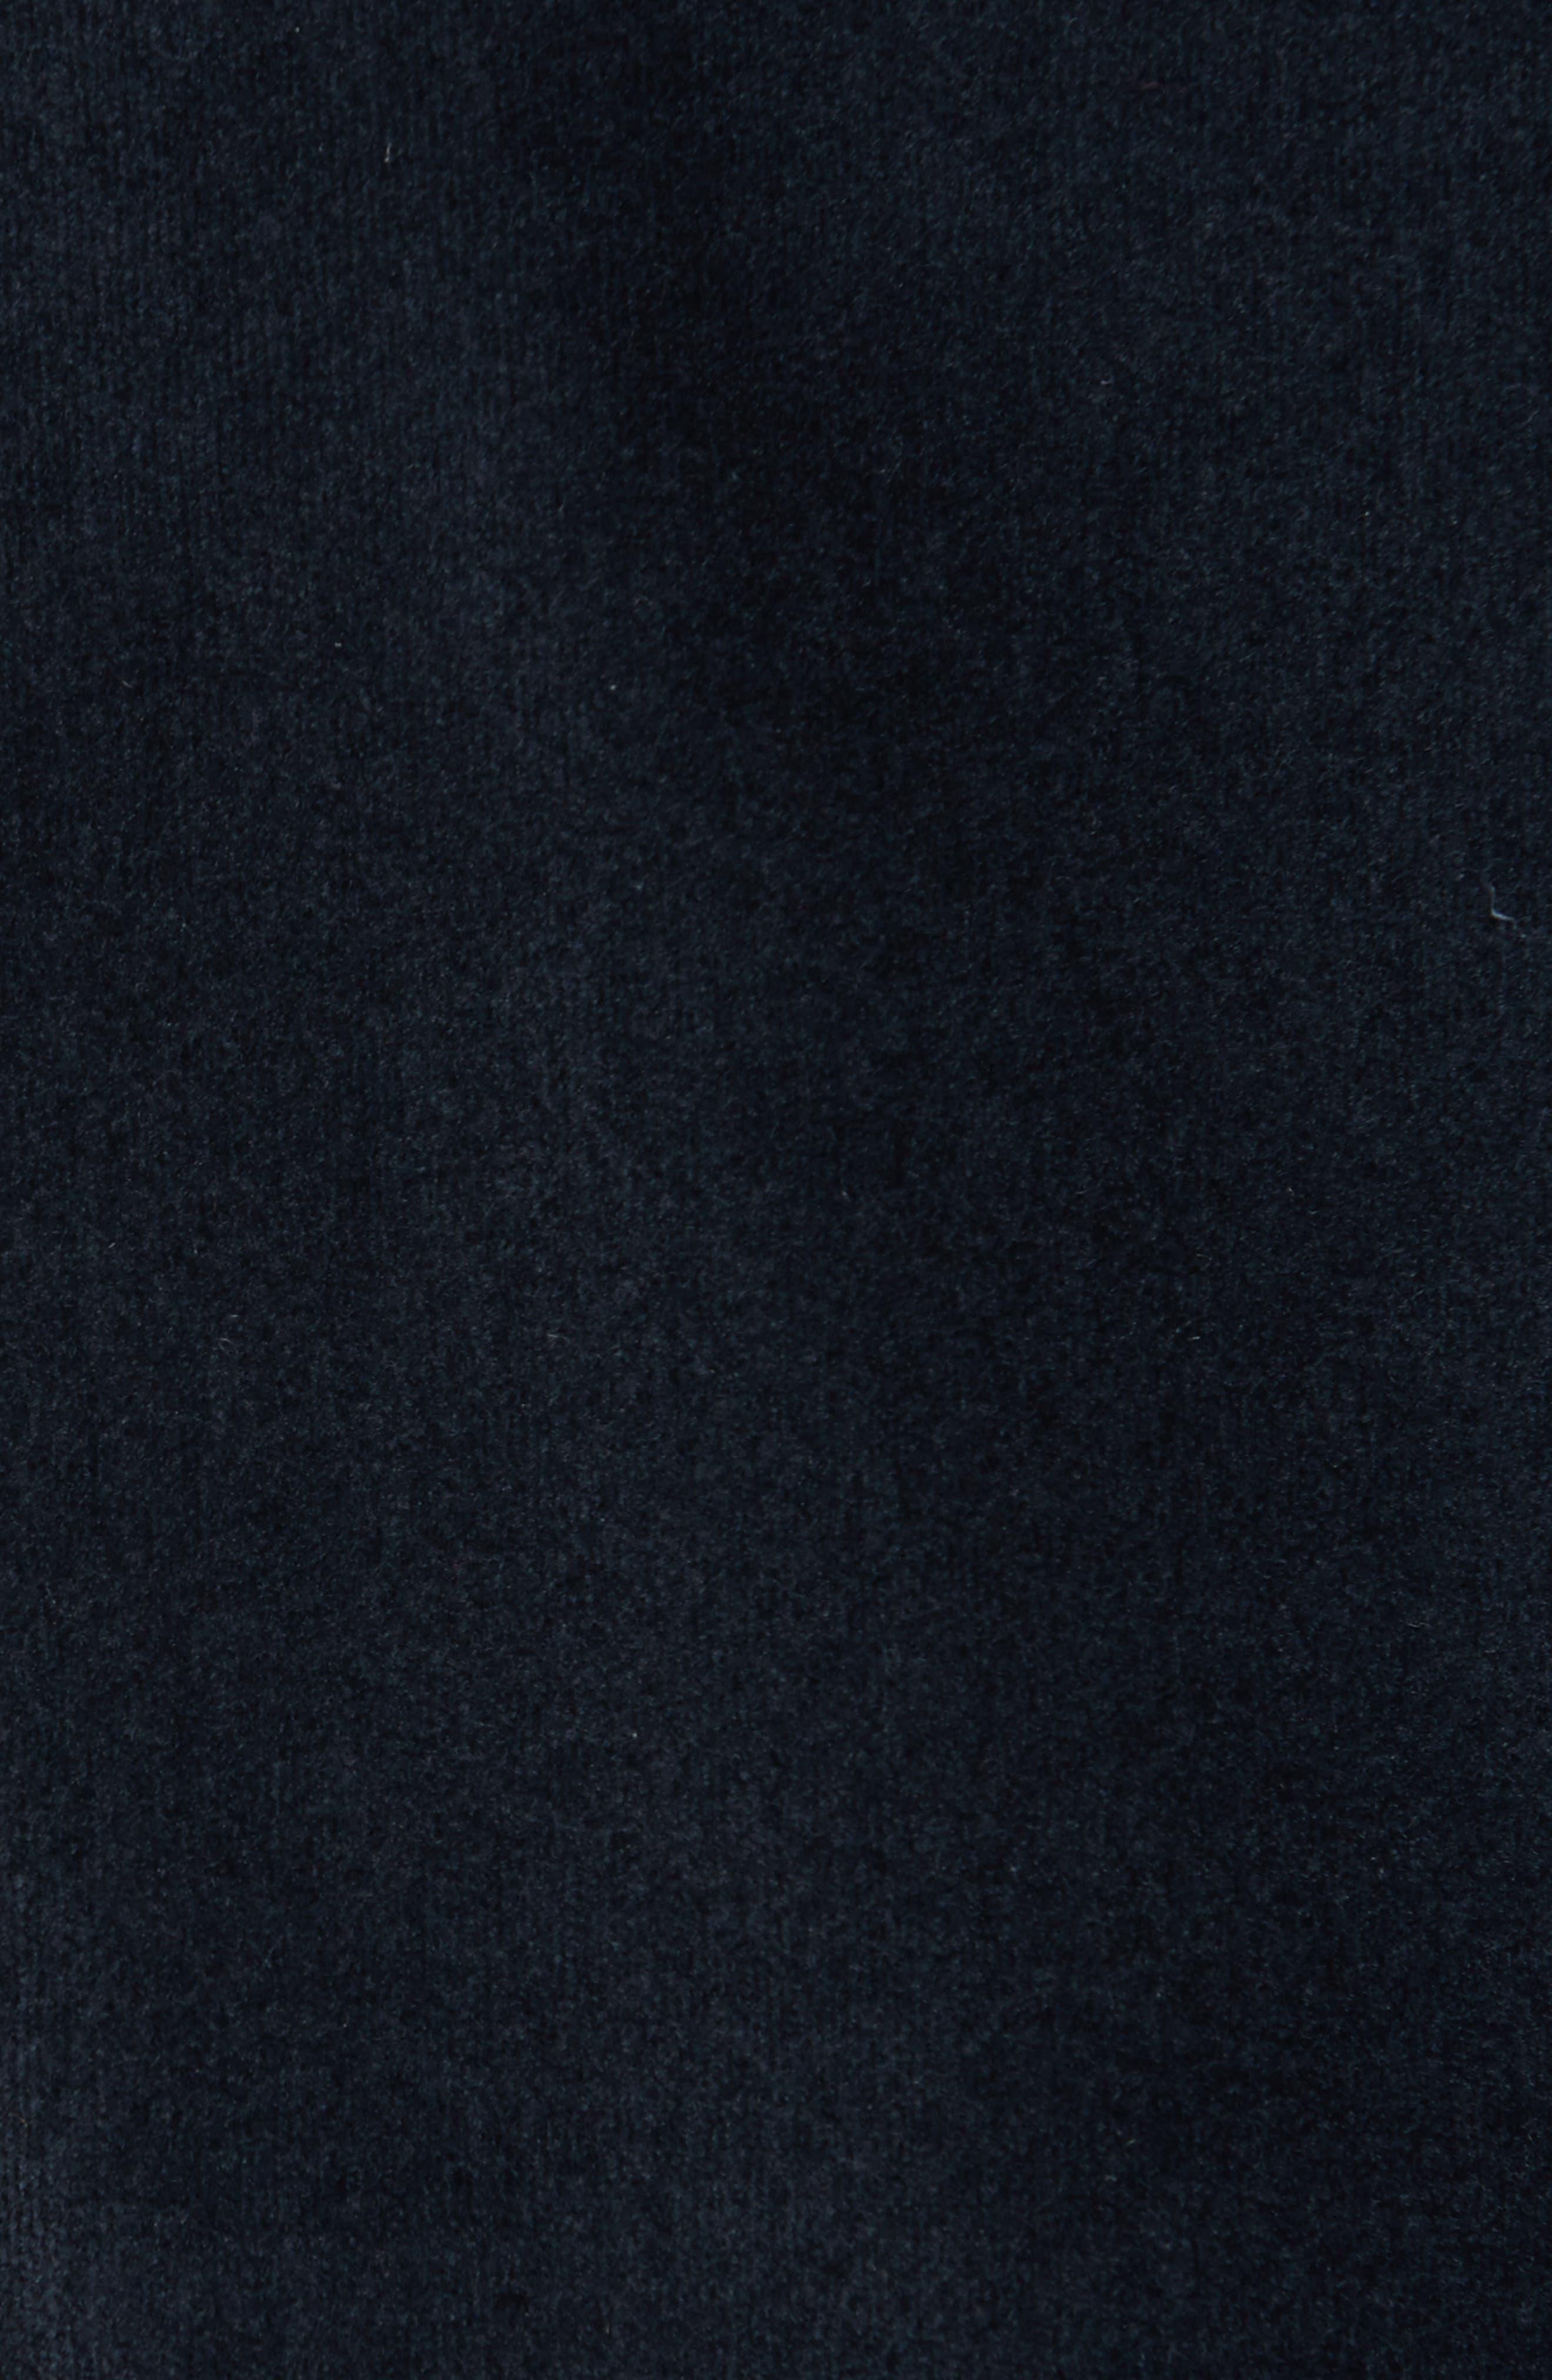 Velvet Sweatshirt,                             Alternate thumbnail 5, color,                             415